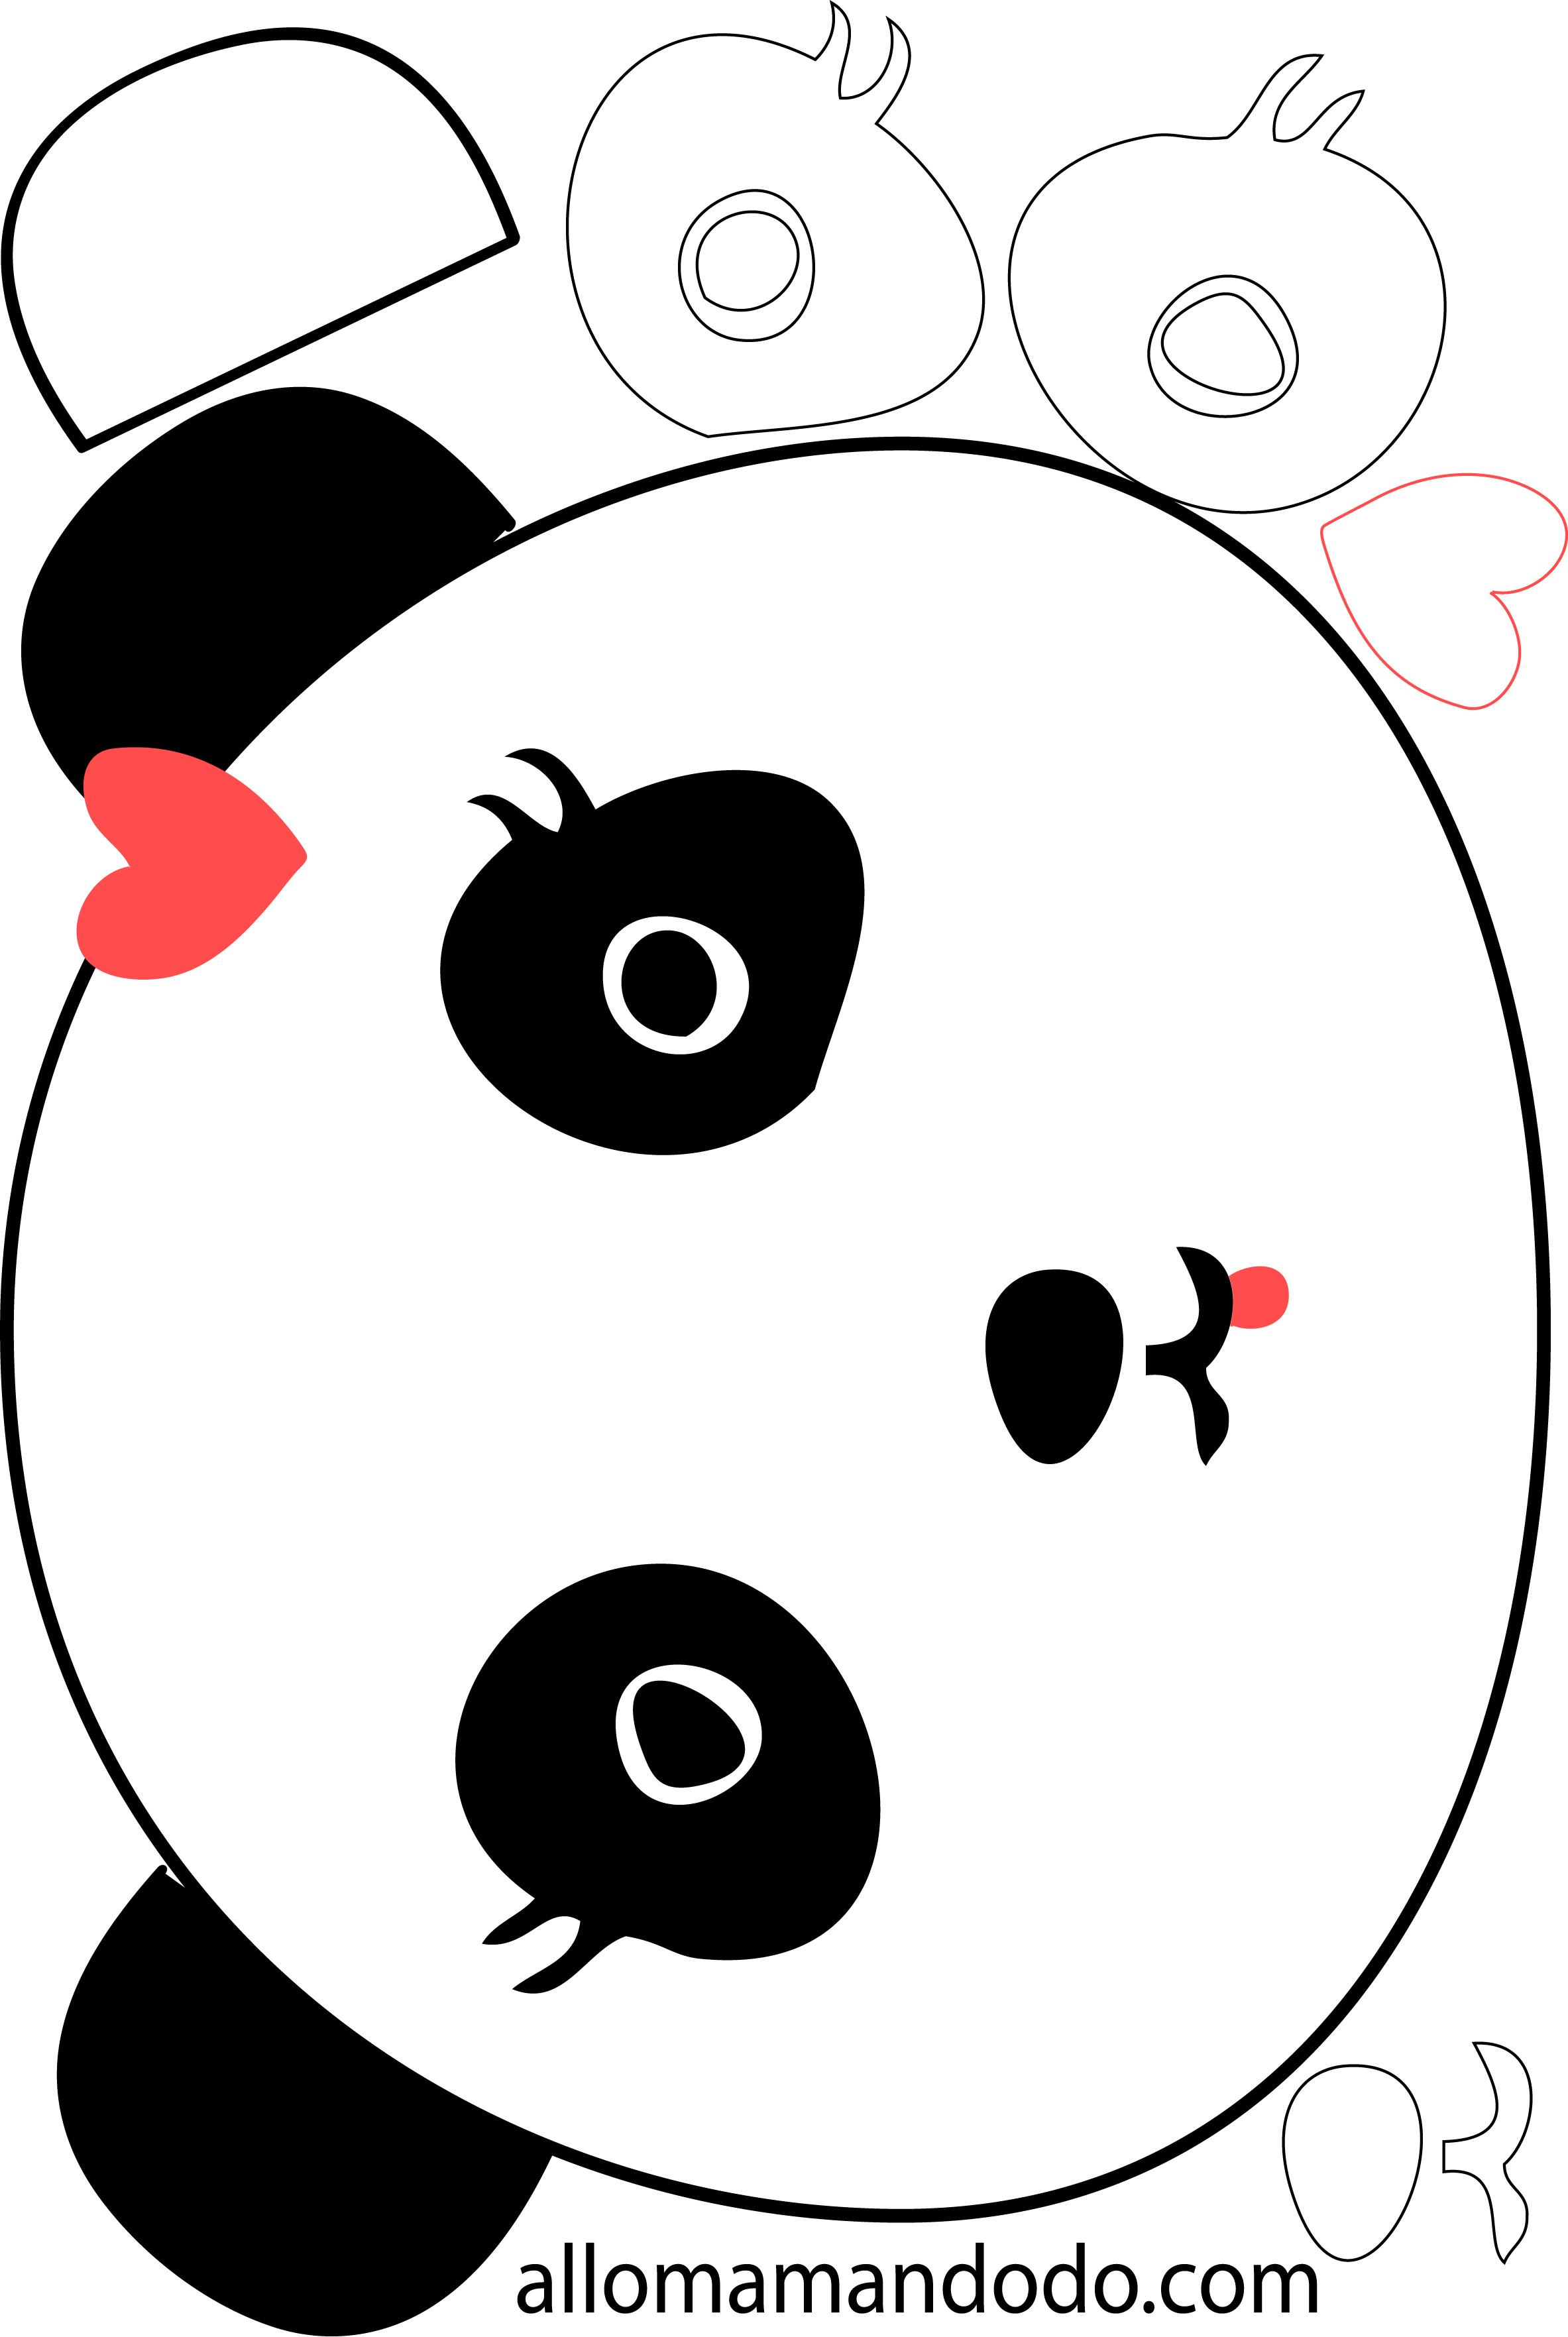 Diy tuto en photo le g teau panda allo maman dodo - Tete de panda dessin ...